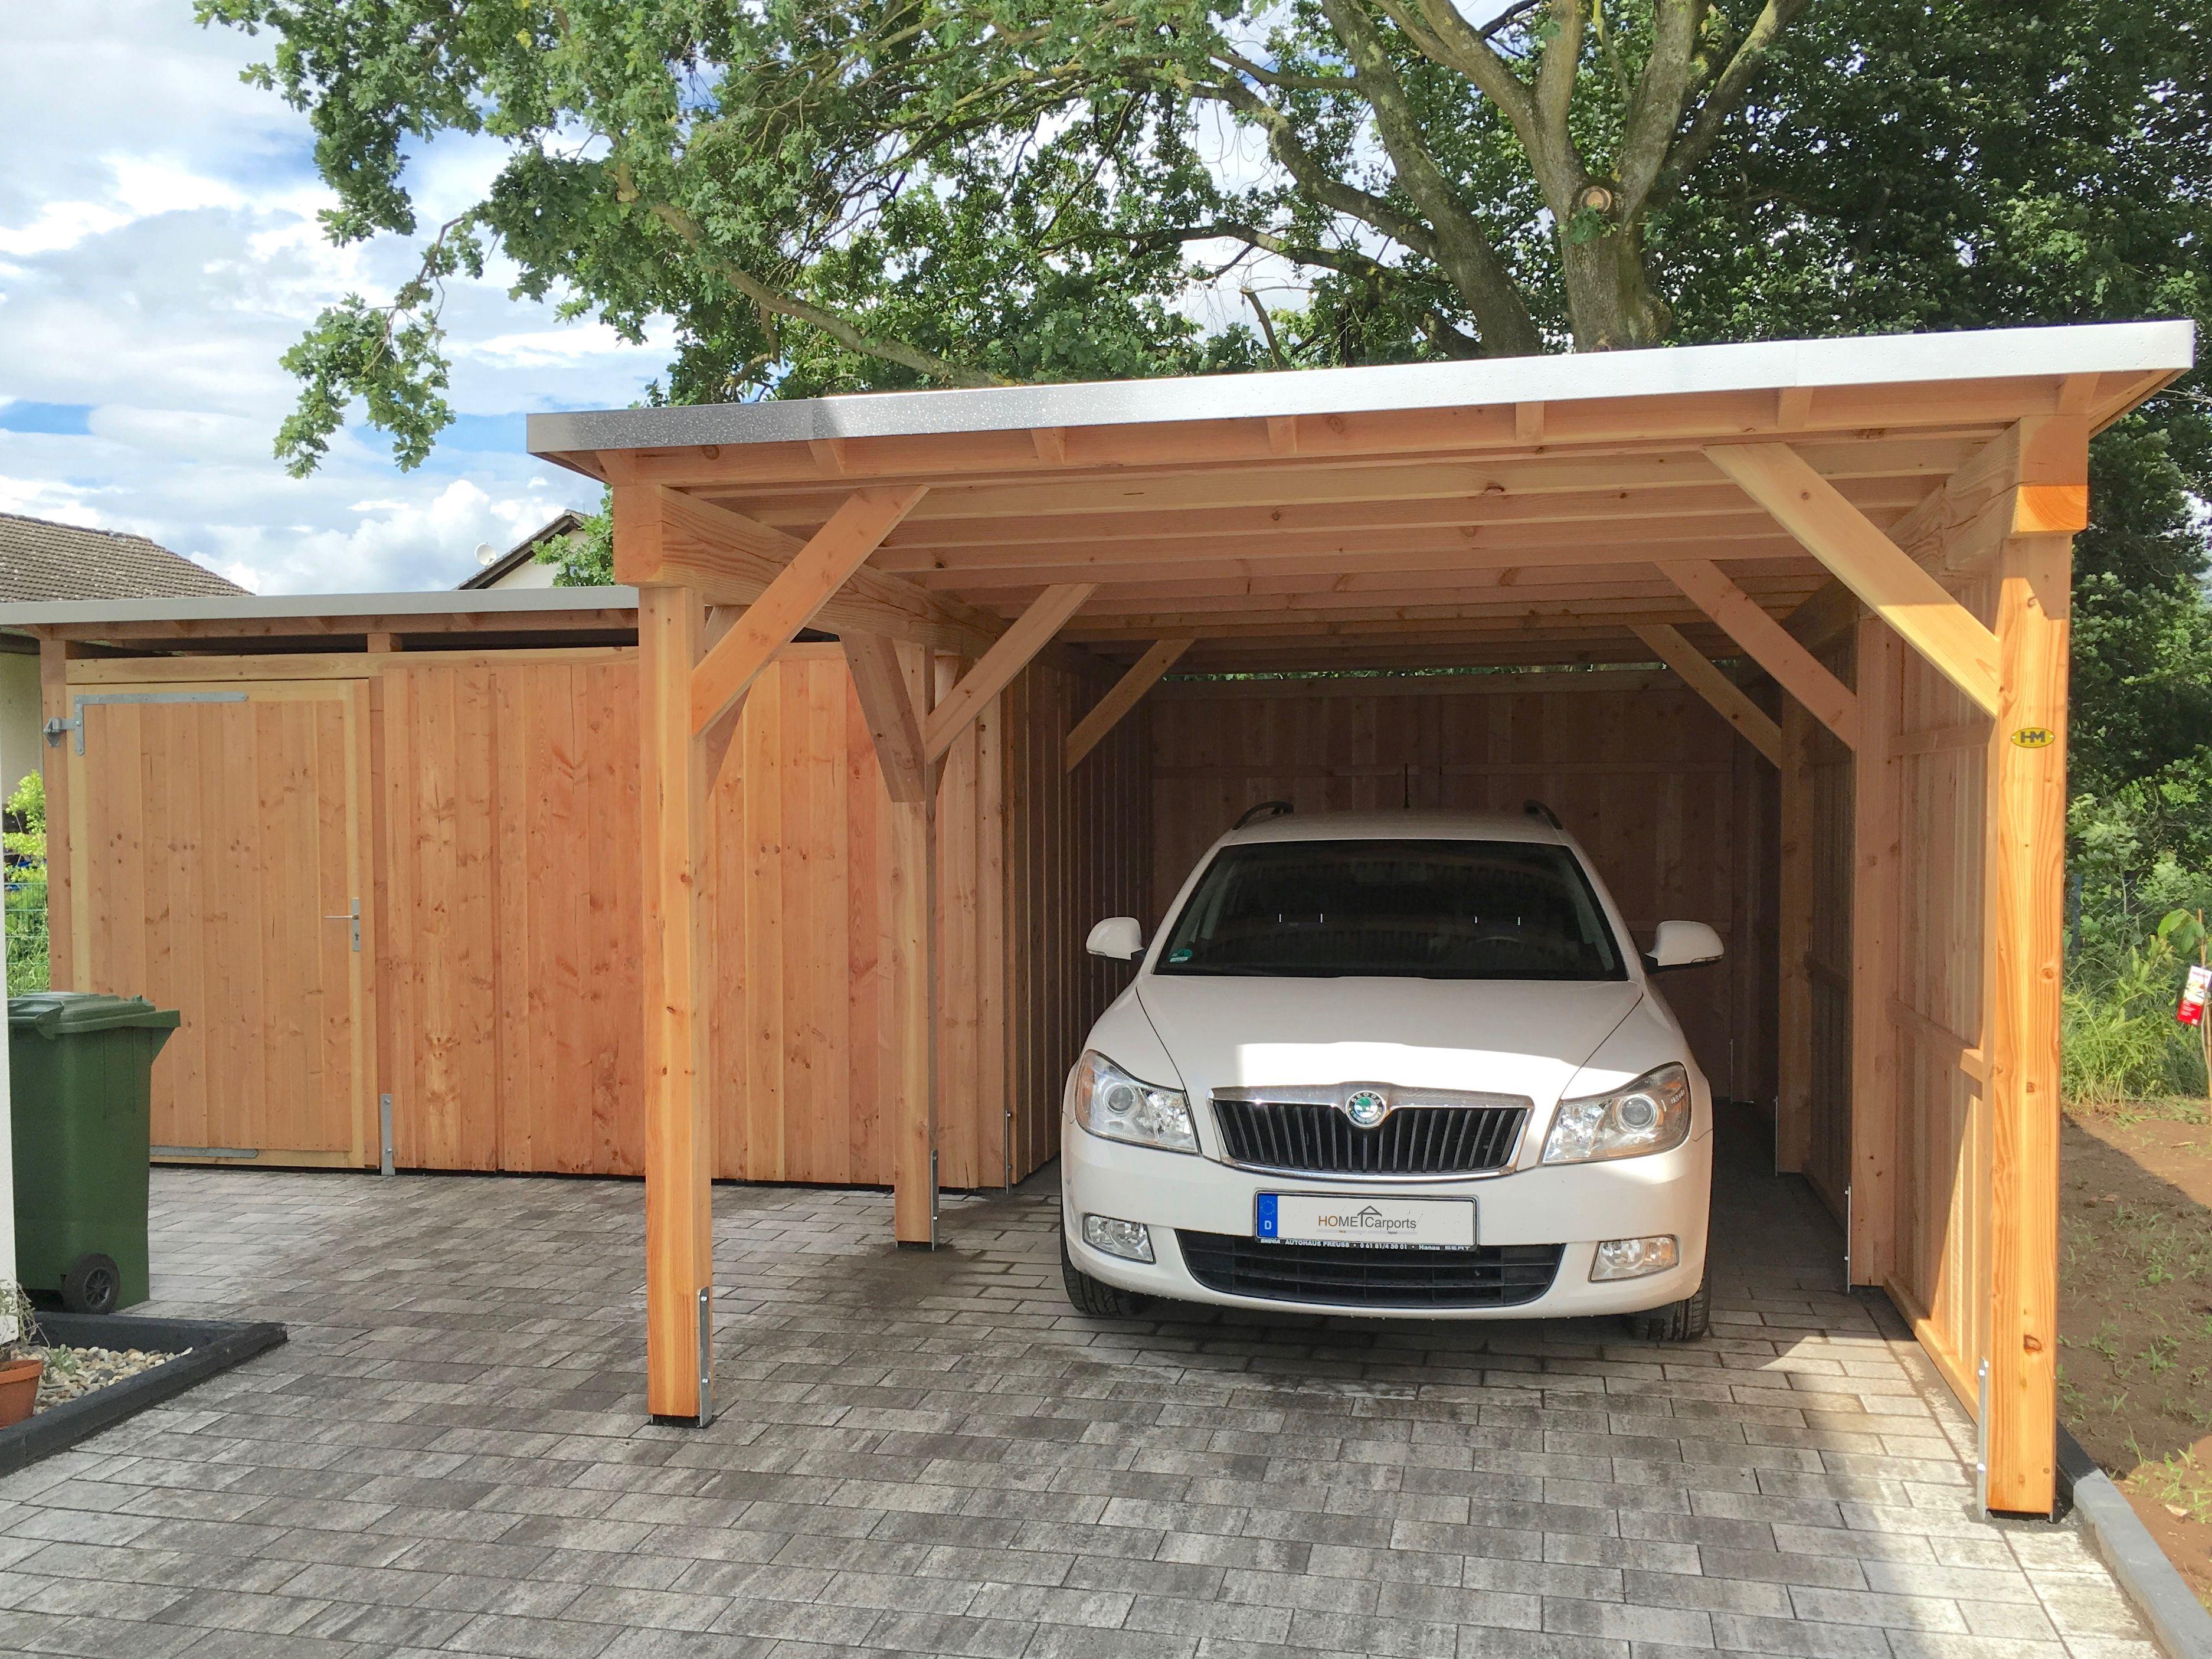 Holz Carport aus Douglasie mit einer Aluminium Designblende sowie